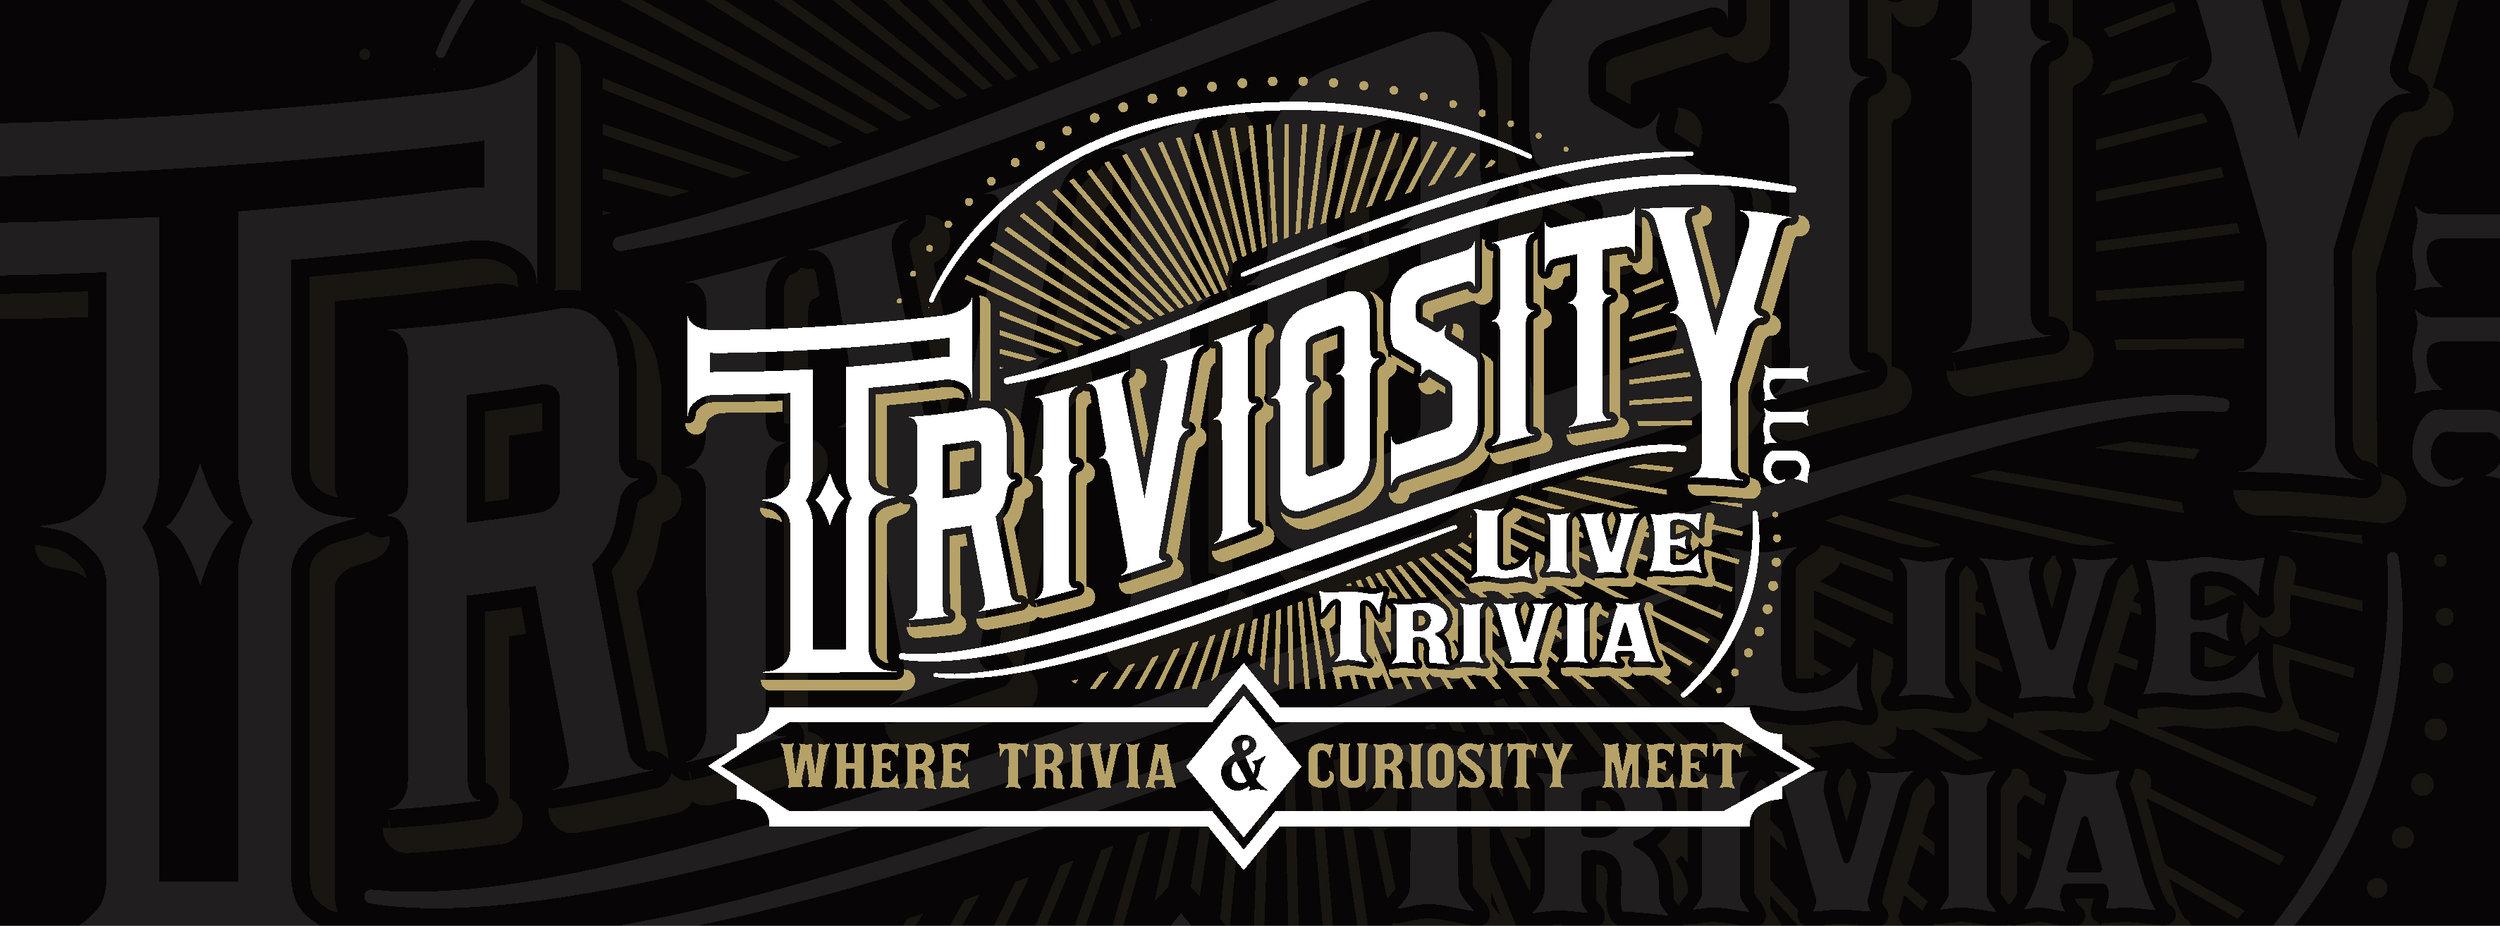 Triviosity_FB_Banner.jpg